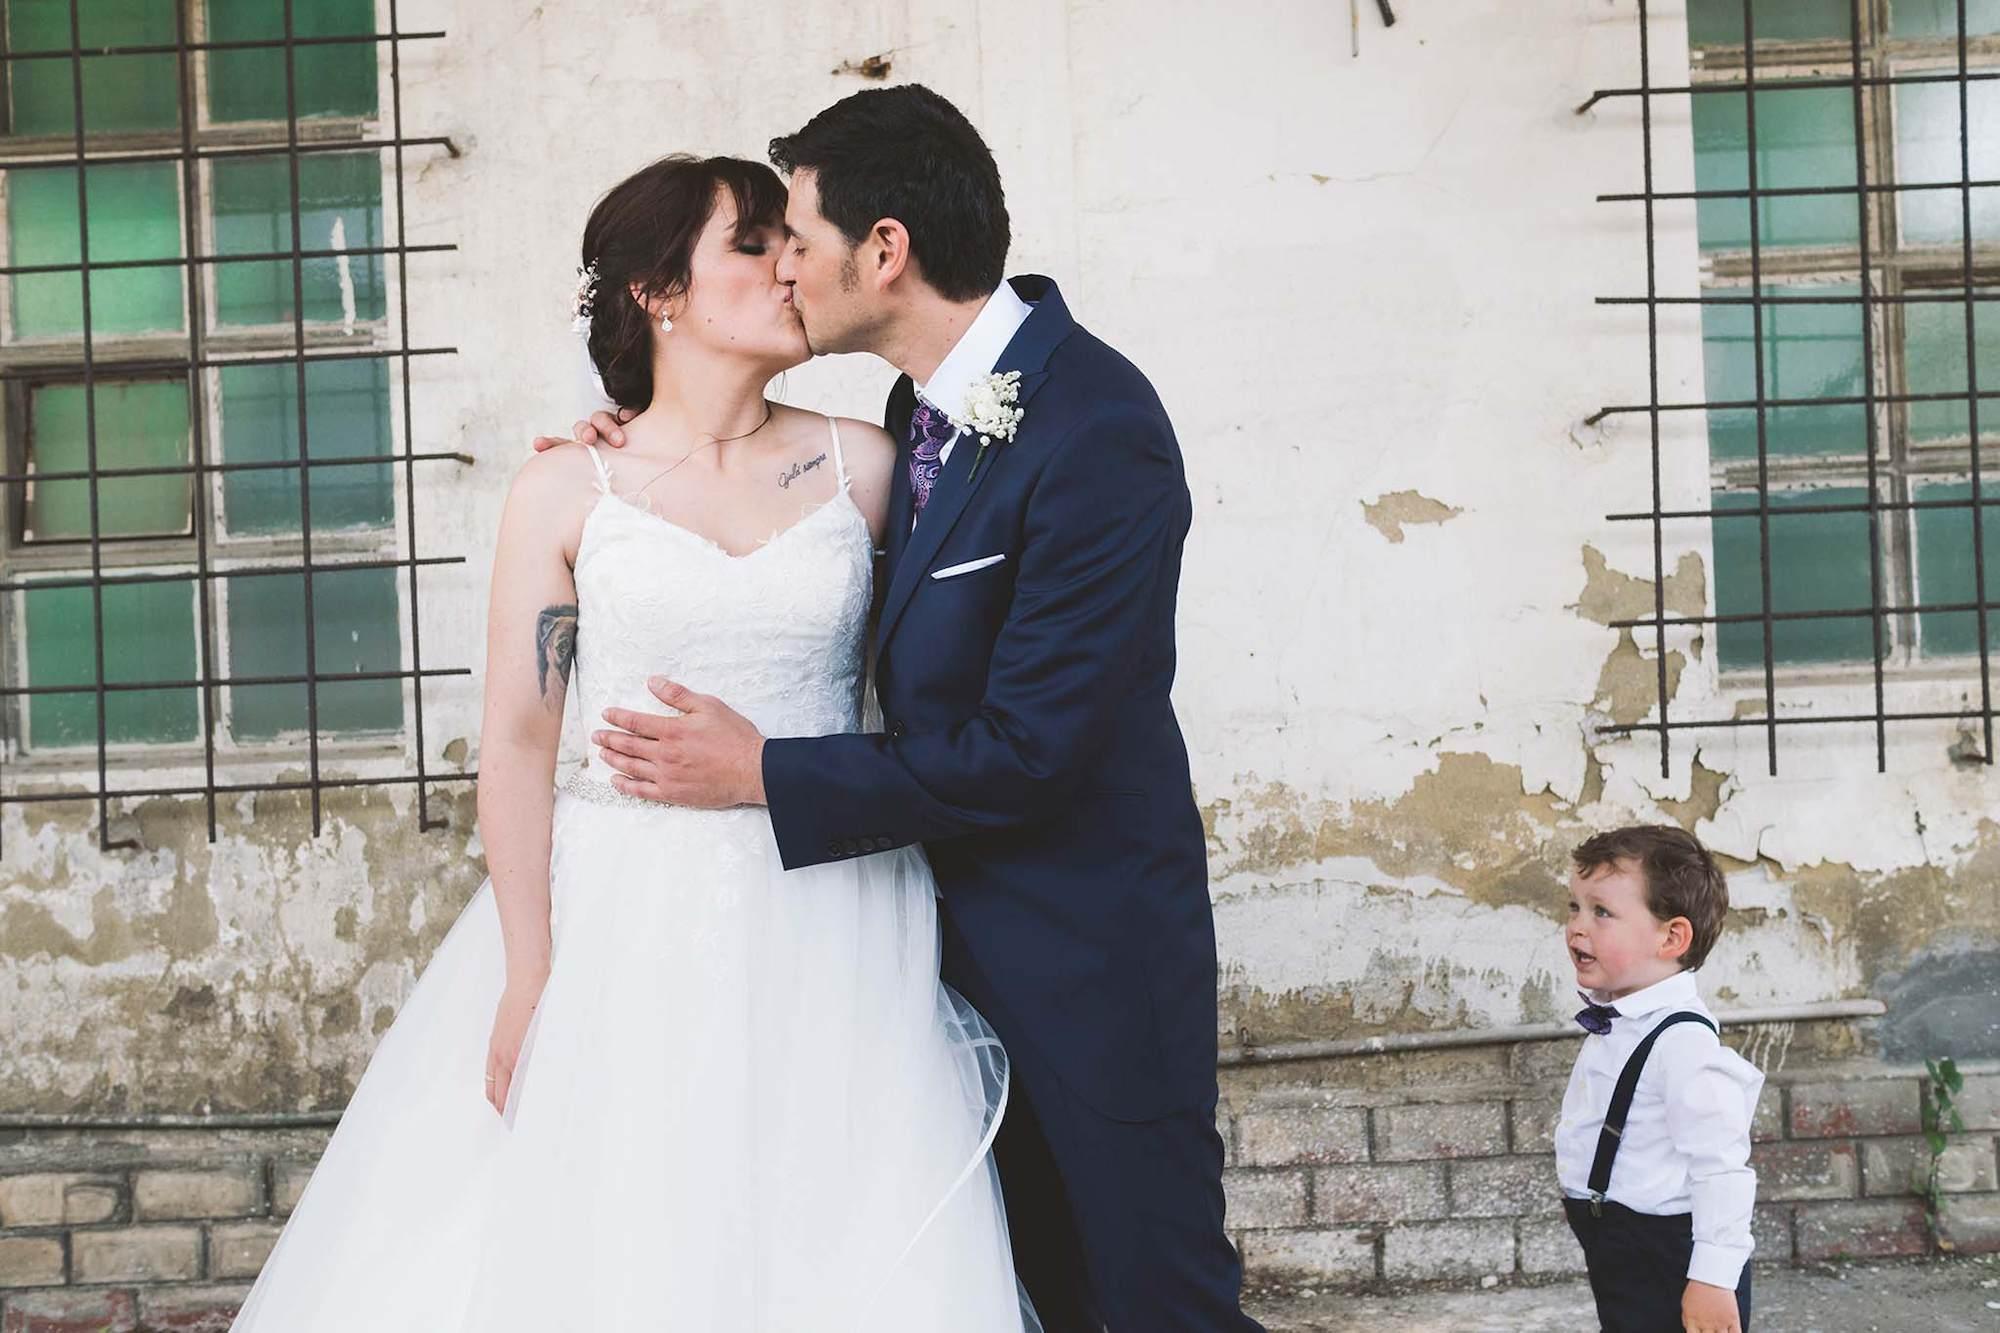 Los novios dándose un beso con su hijo a un lado de la fotografía